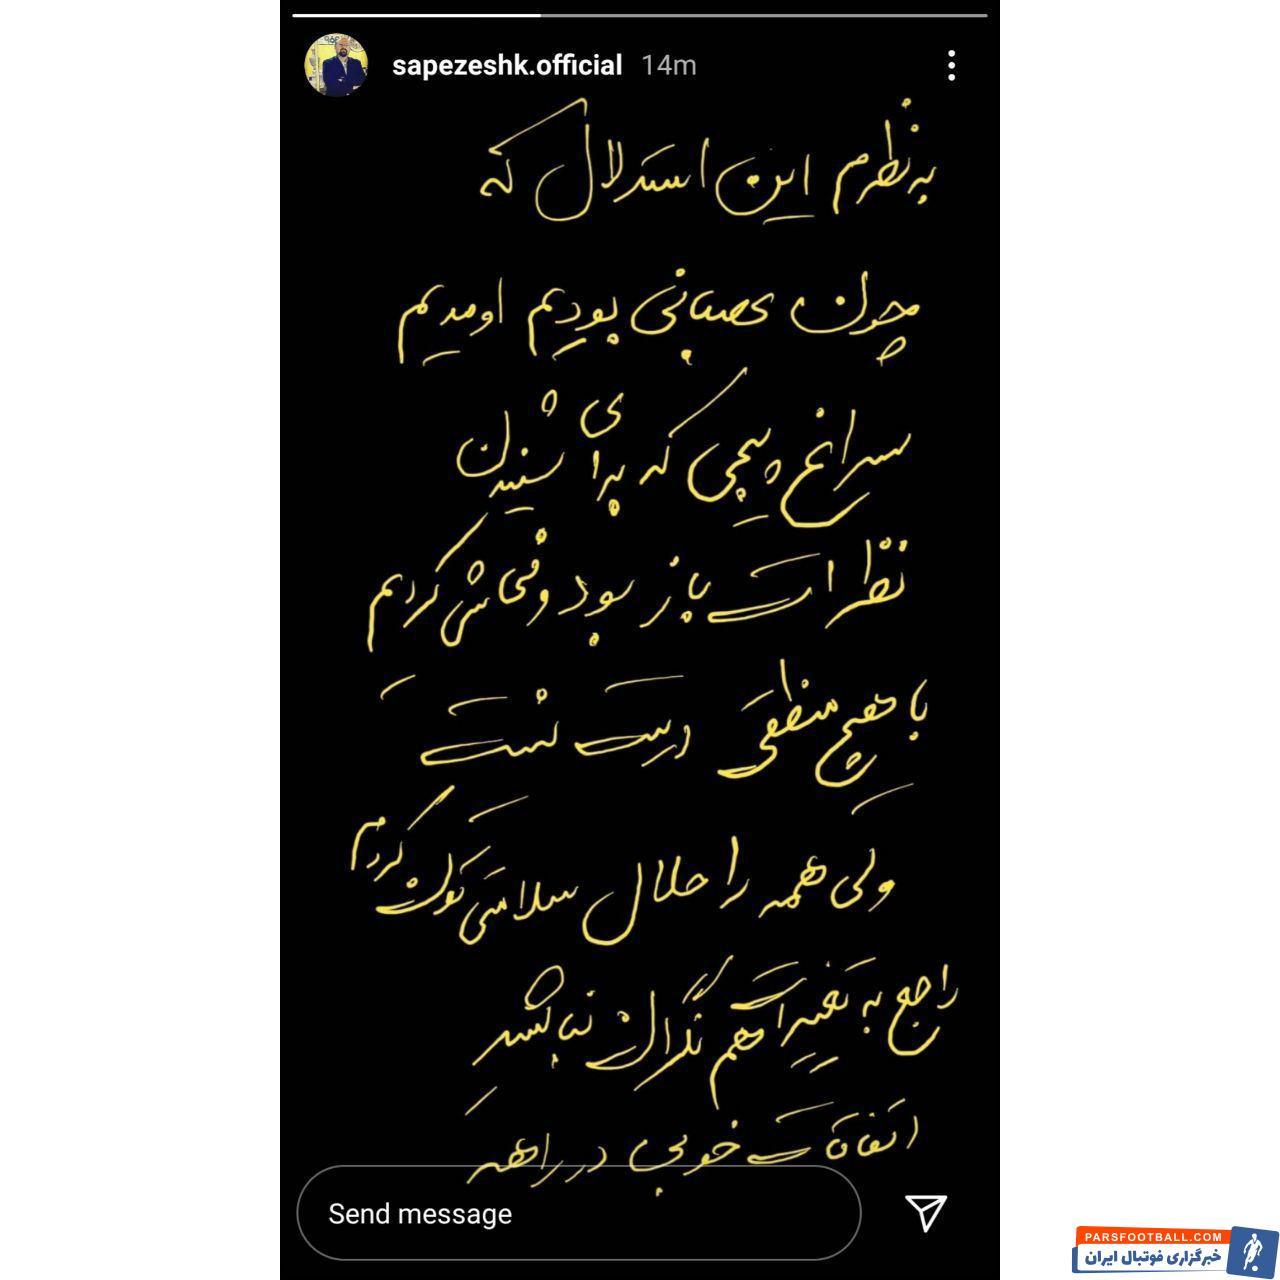 به نظر می رسد کمی شرایط در اصفهان و اردوی سپاهان پیش از دیدار آخر آنها که در تهران مقابل پیکان برگزار خواهد شد، تغییر کرده است.